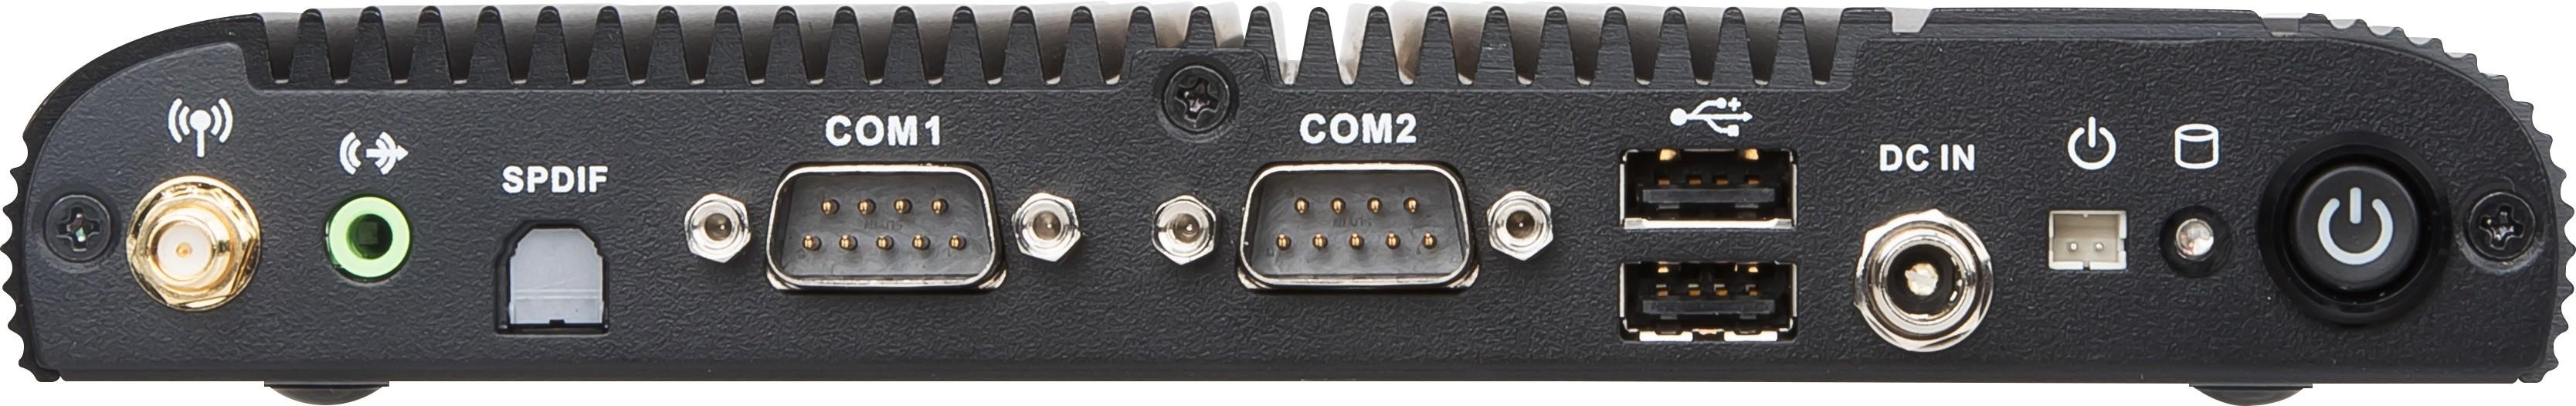 MS-9A95智能雲分機與全球客服管理工業電腦